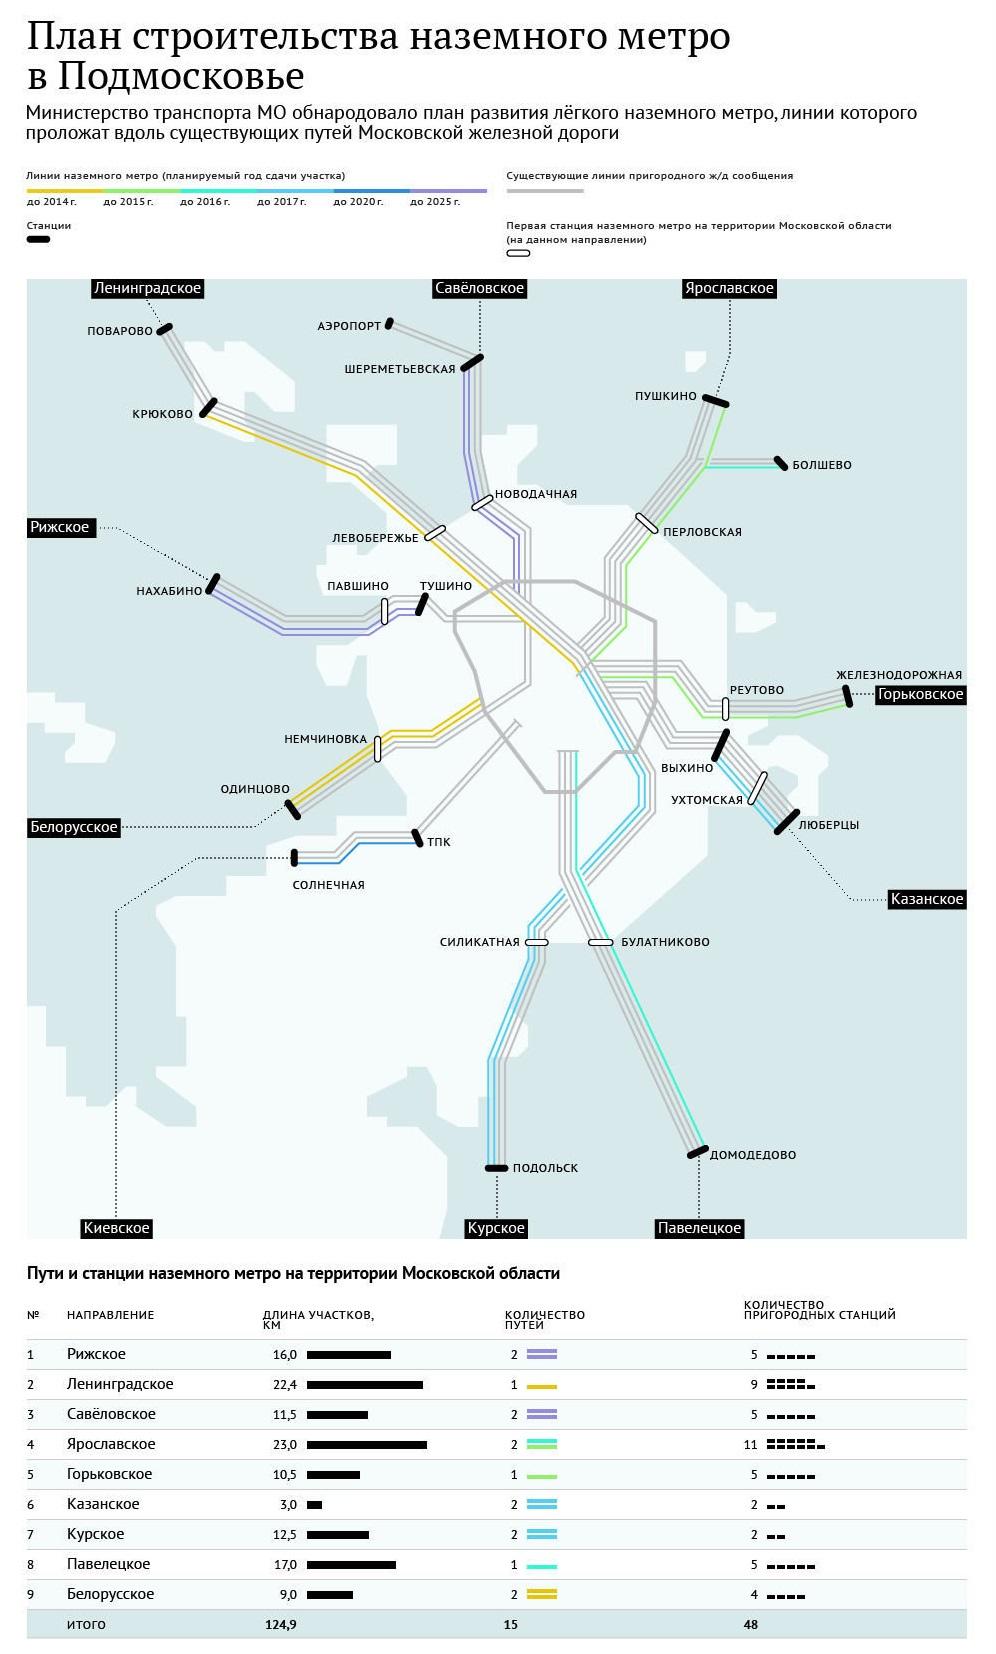 Развитие метро в Подмосковье